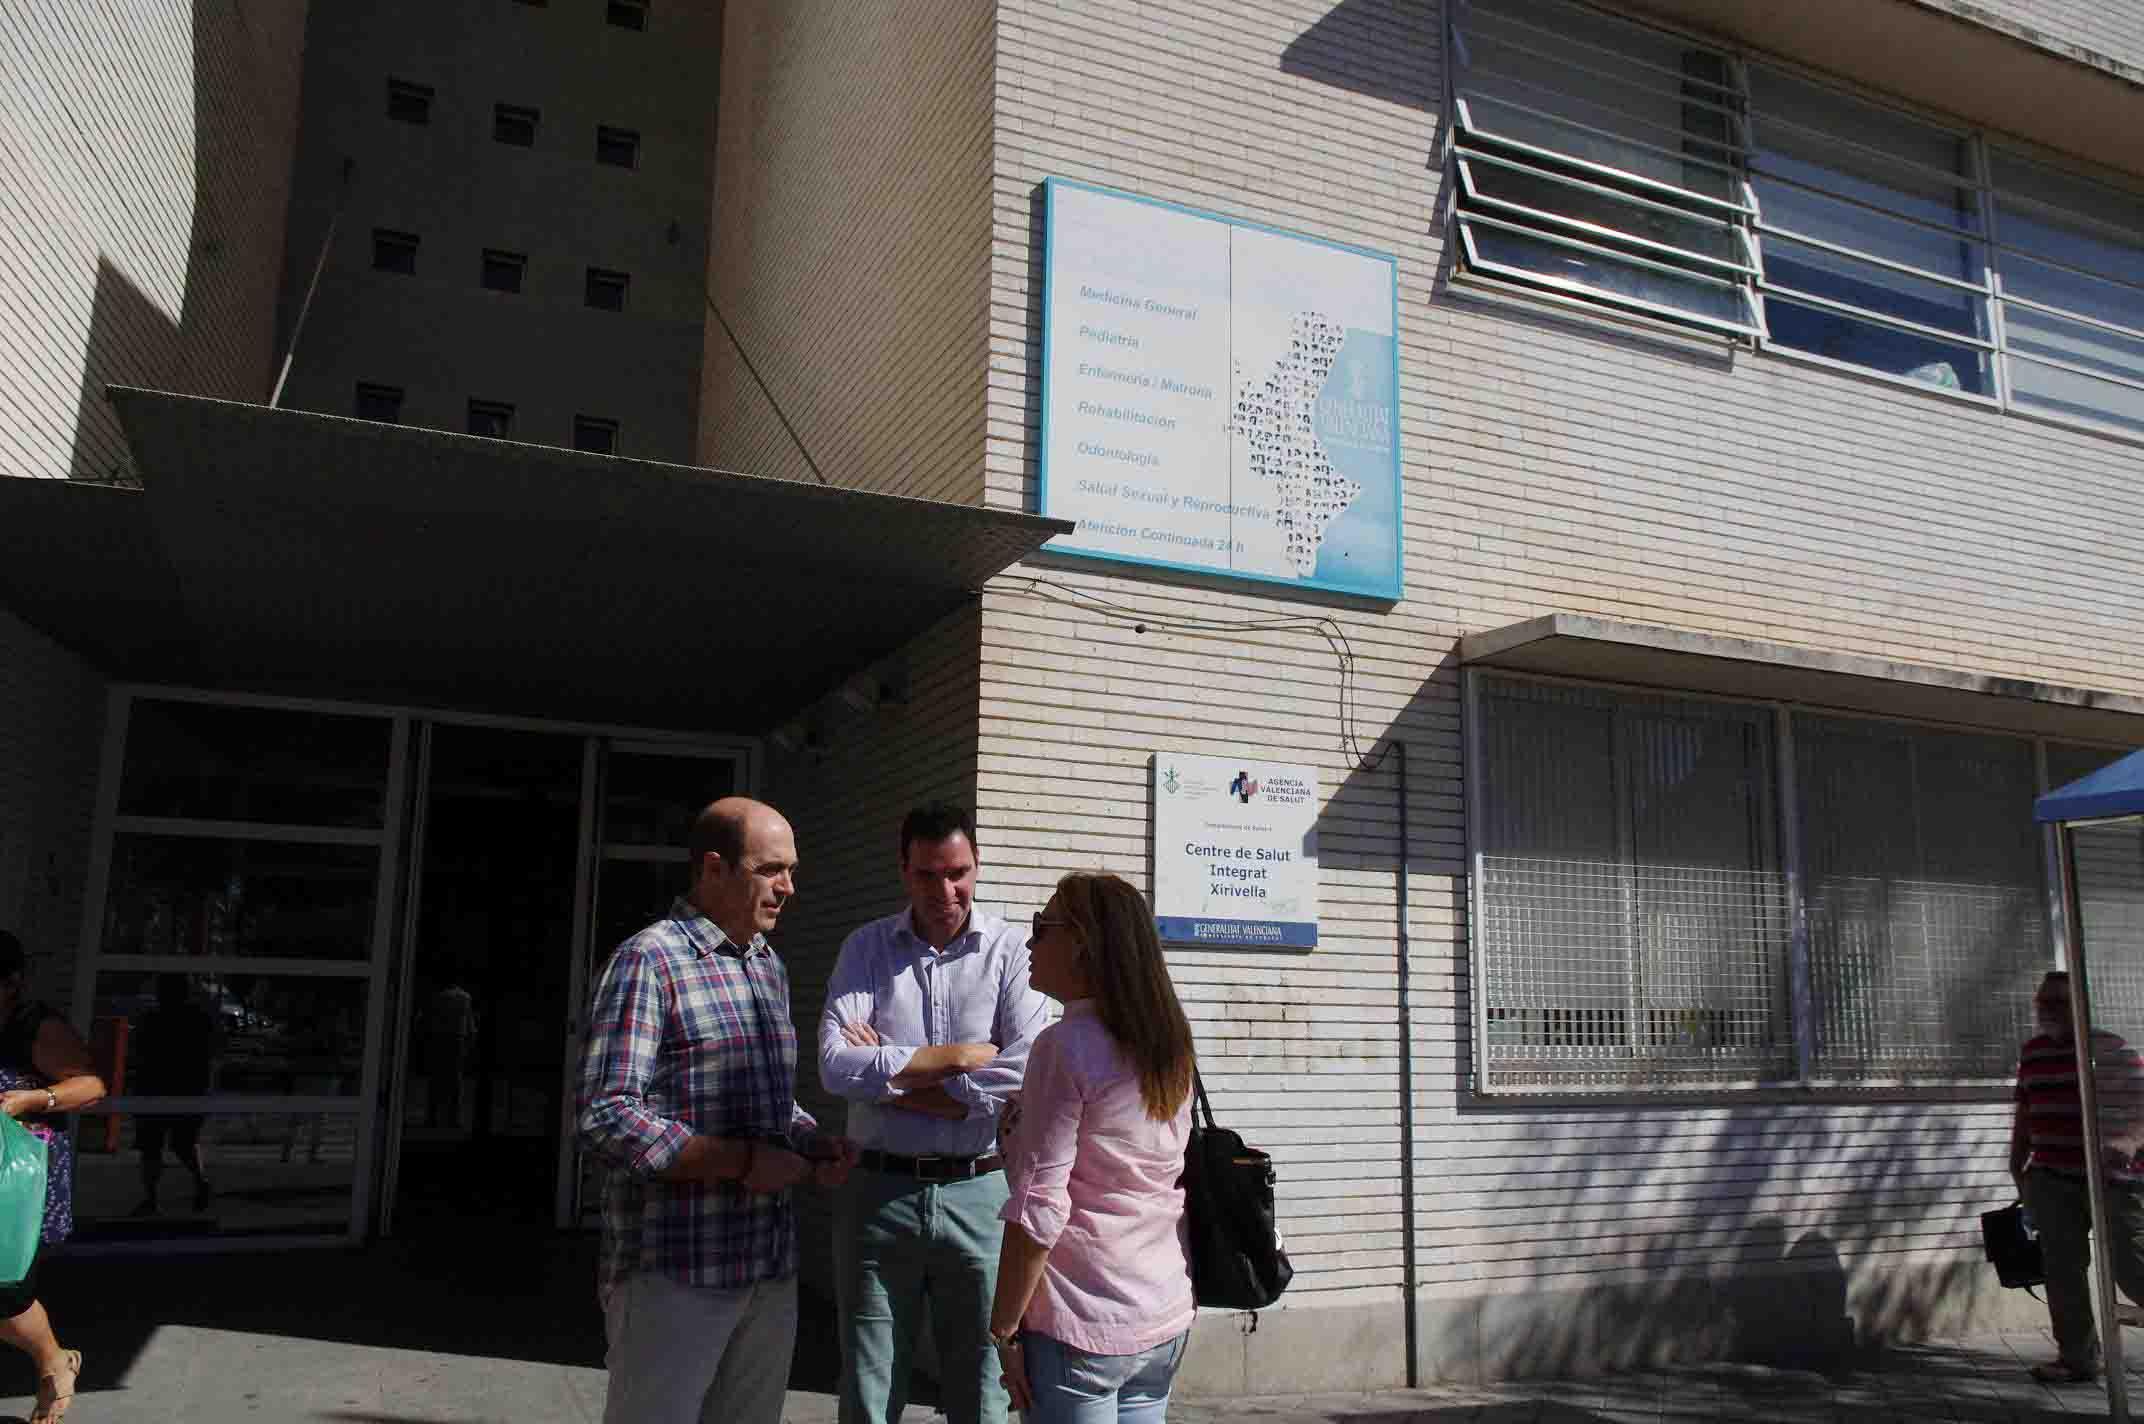 Adjudicadas las obras de ampliación del centro de salud de Xirivella